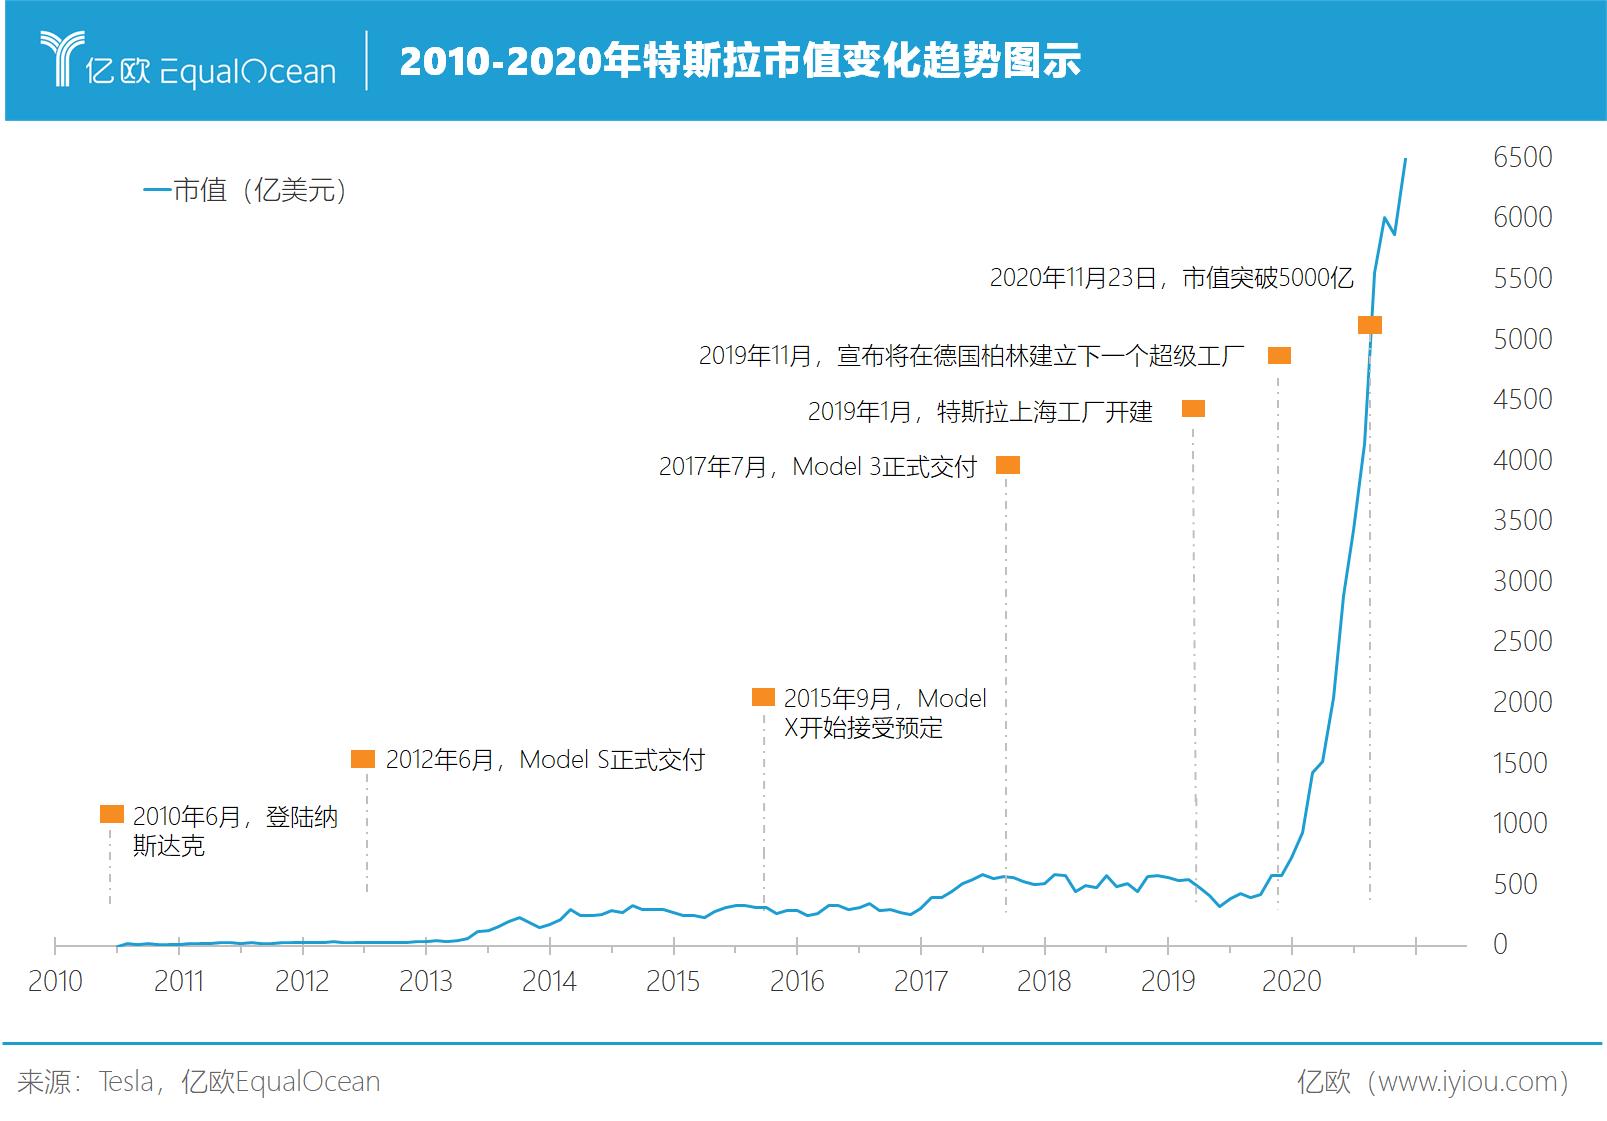 特斯拉2010-2020市值變化